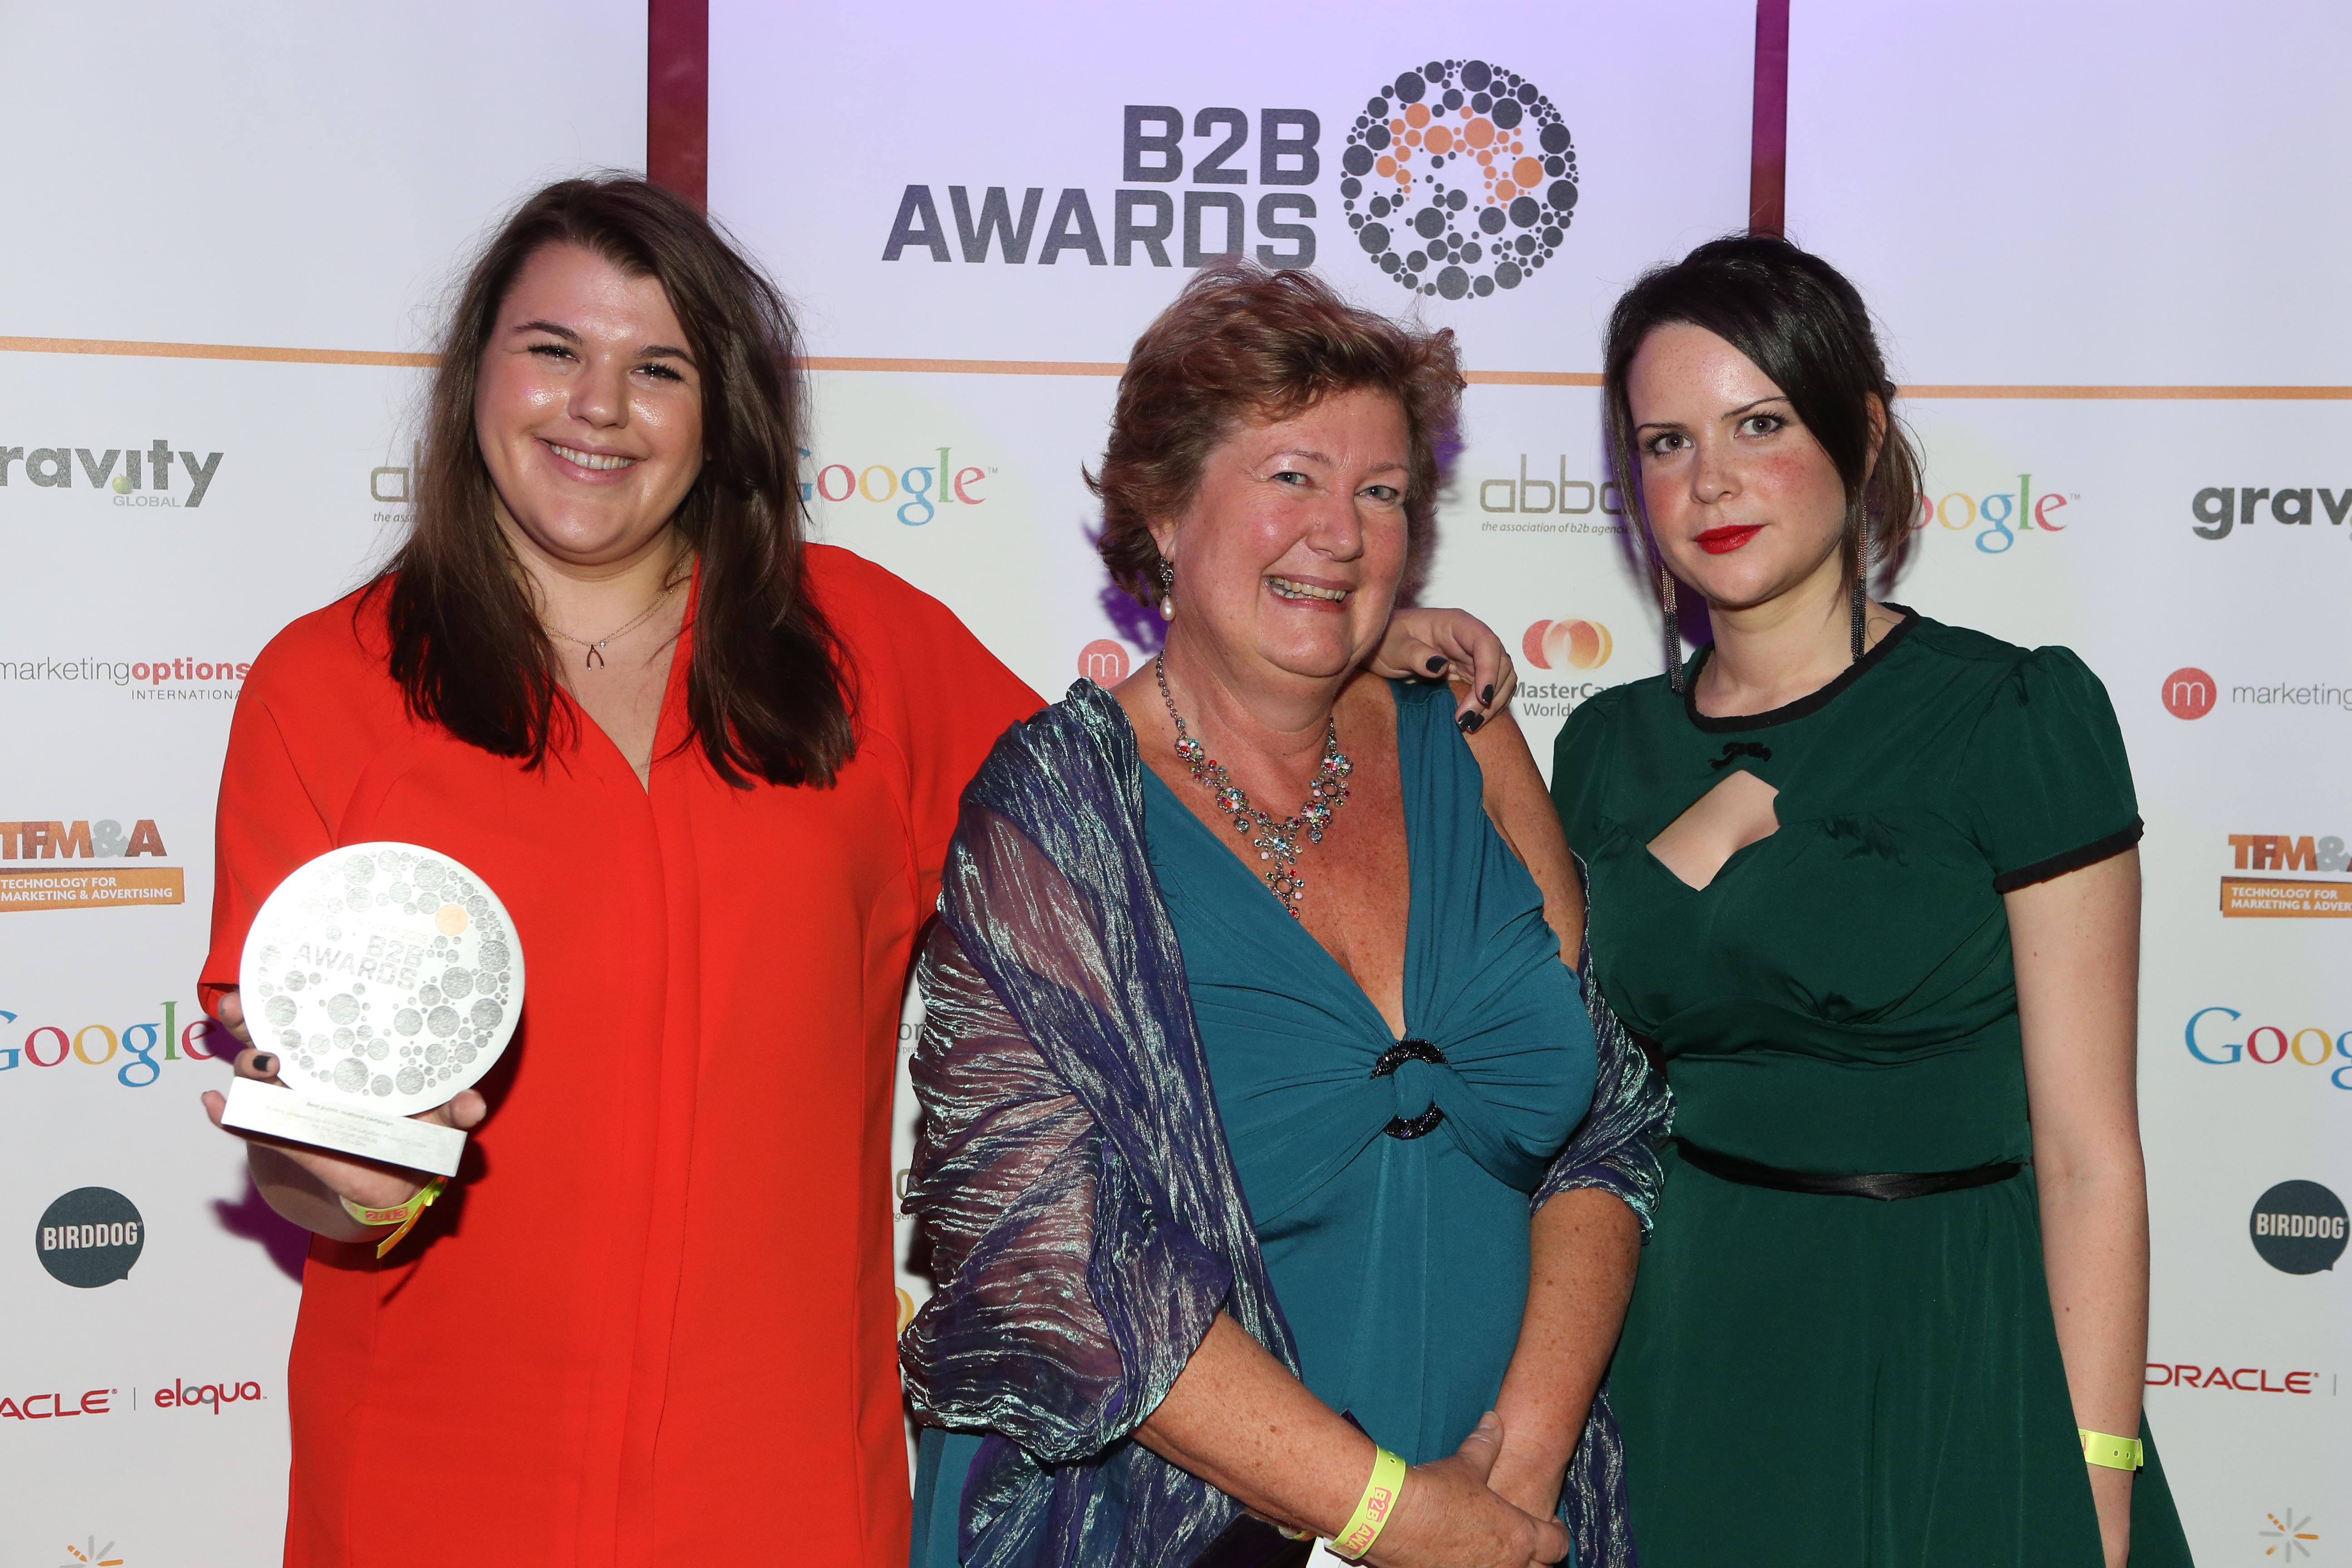 B2B Awards 2013